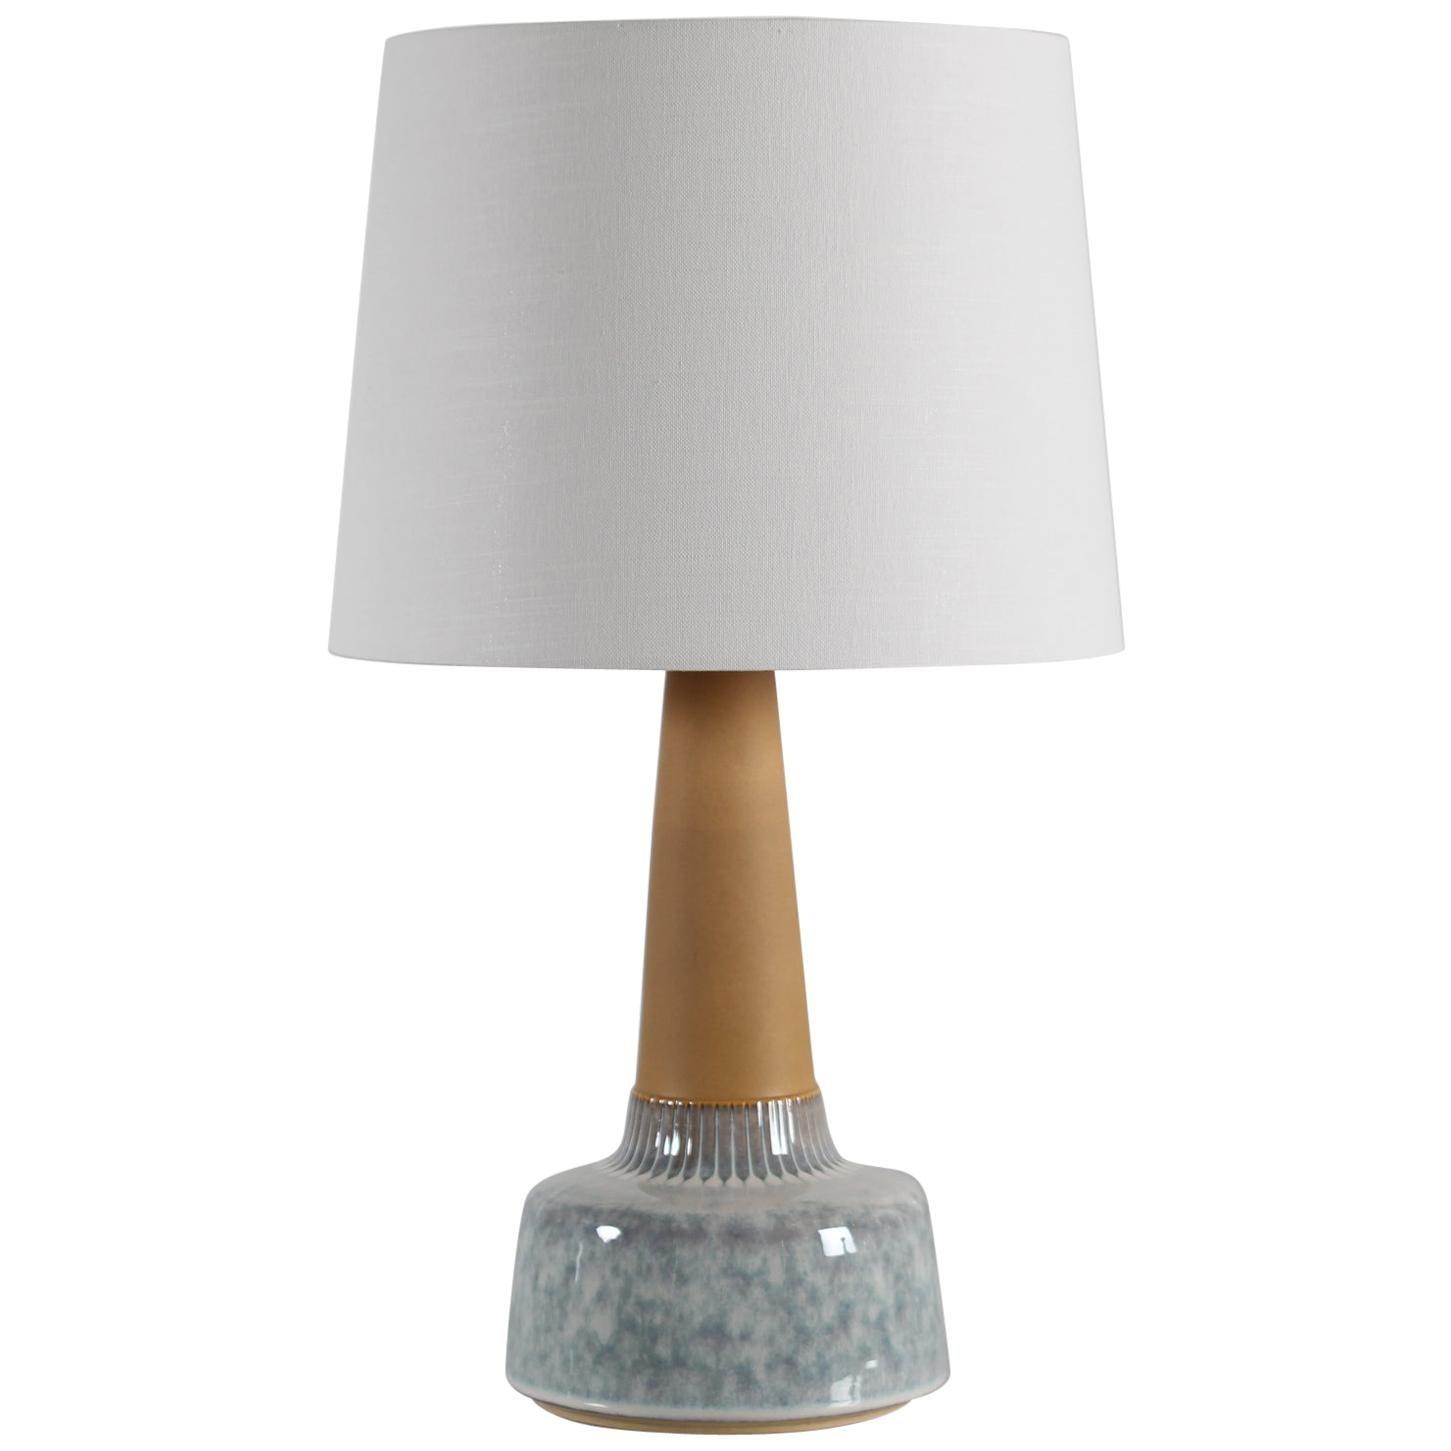 Danish Modern Pale Blue Søholm Stoneware Table Lamp Designed by Einar Johansen